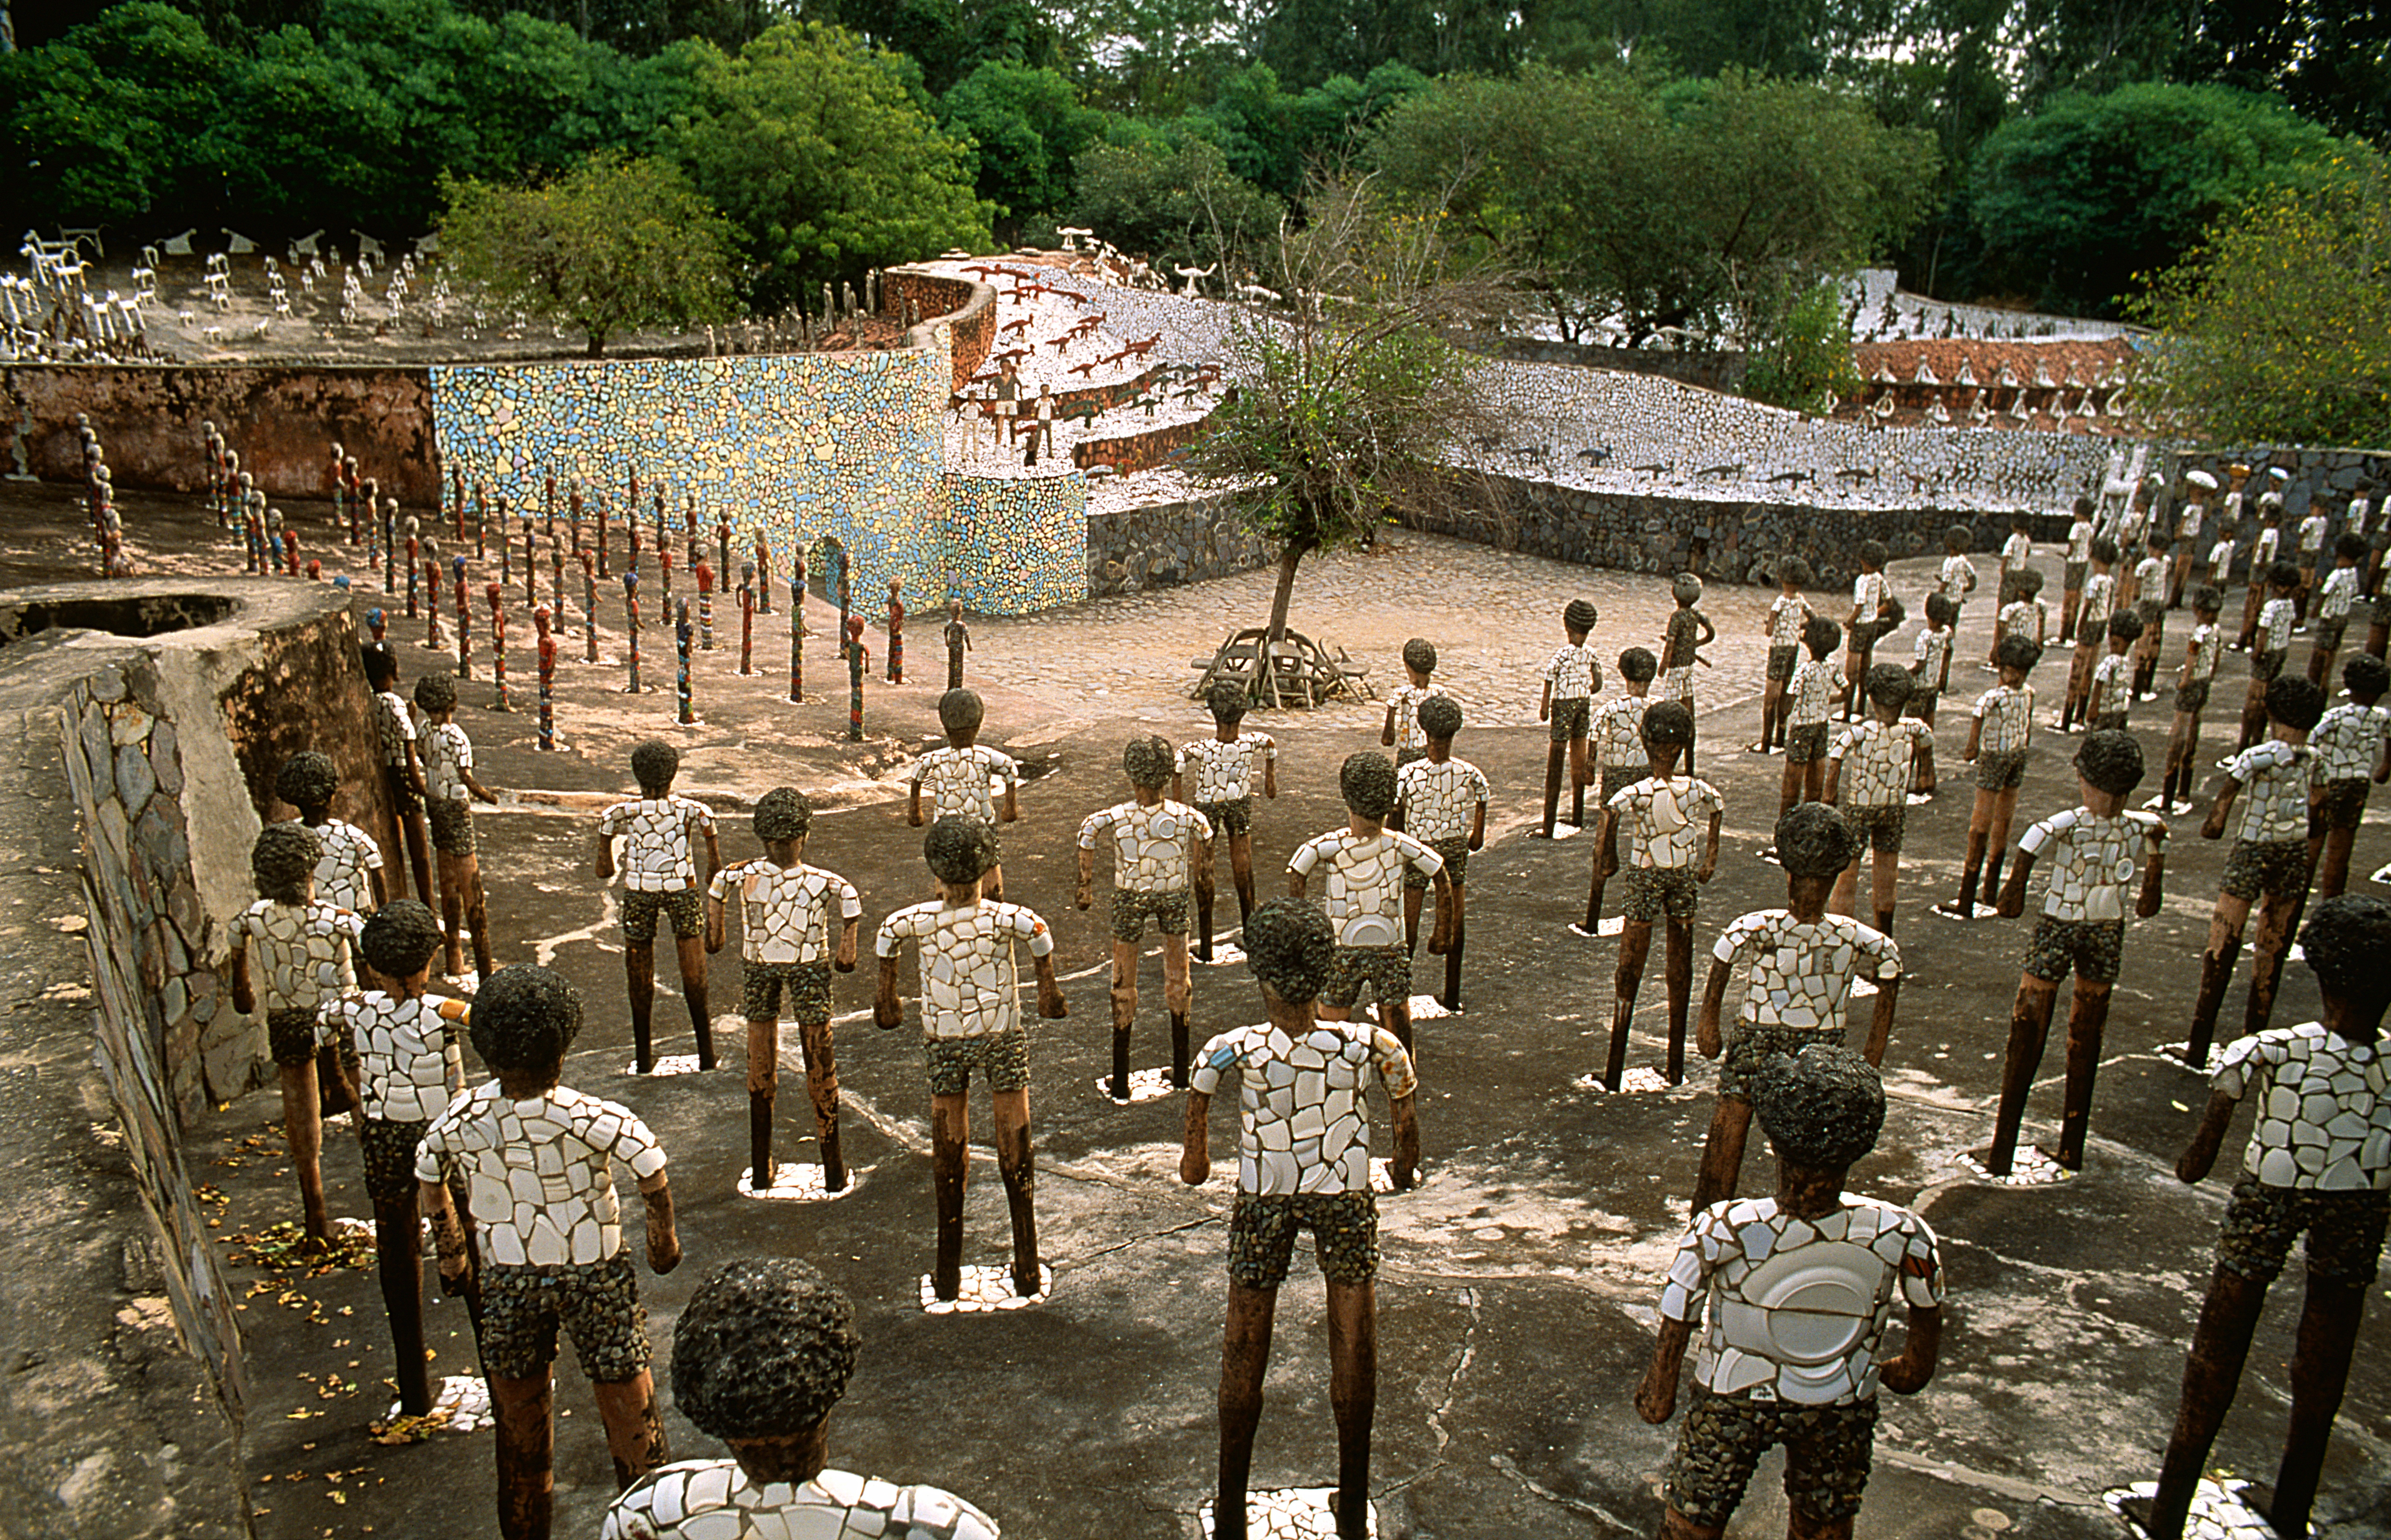 Nek Chand's Sculpture Garden